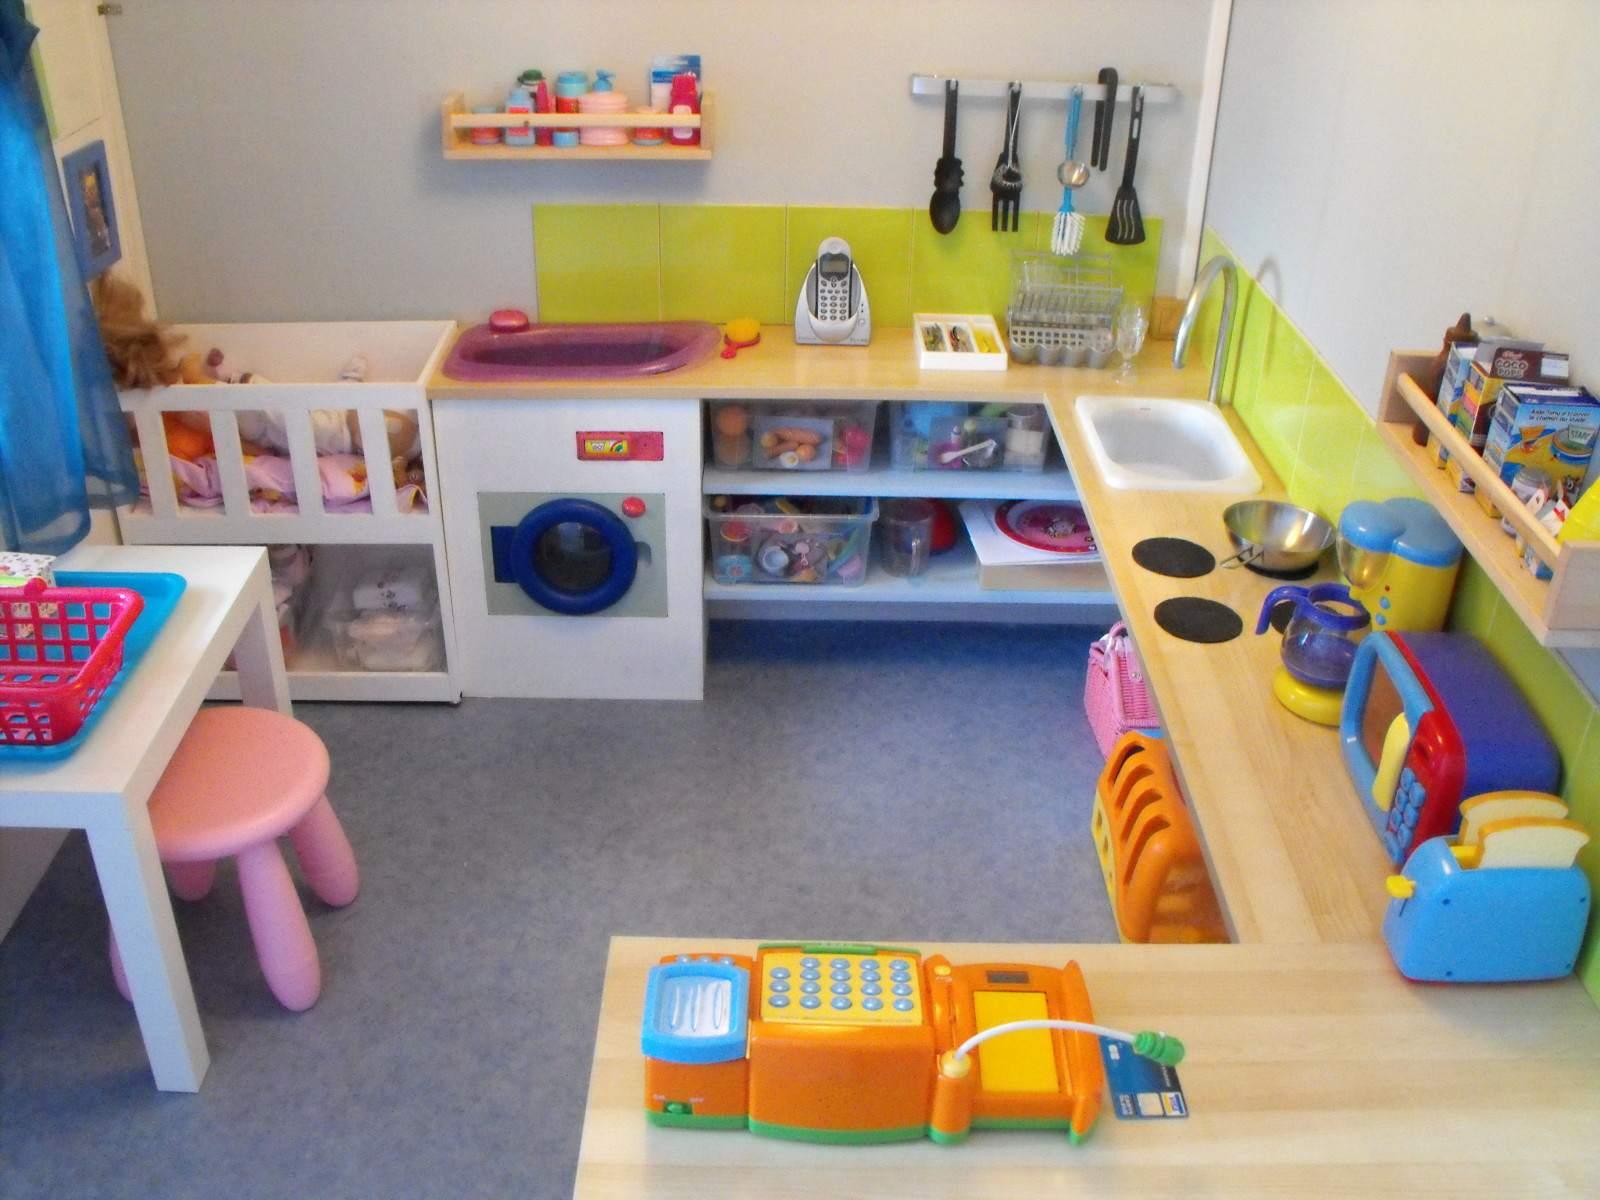 Jeu De Cuisine De Sarah Frais Photos Jeux Cuisine De Sara Inspirant Salle De Jeux Enfants Les Enfants